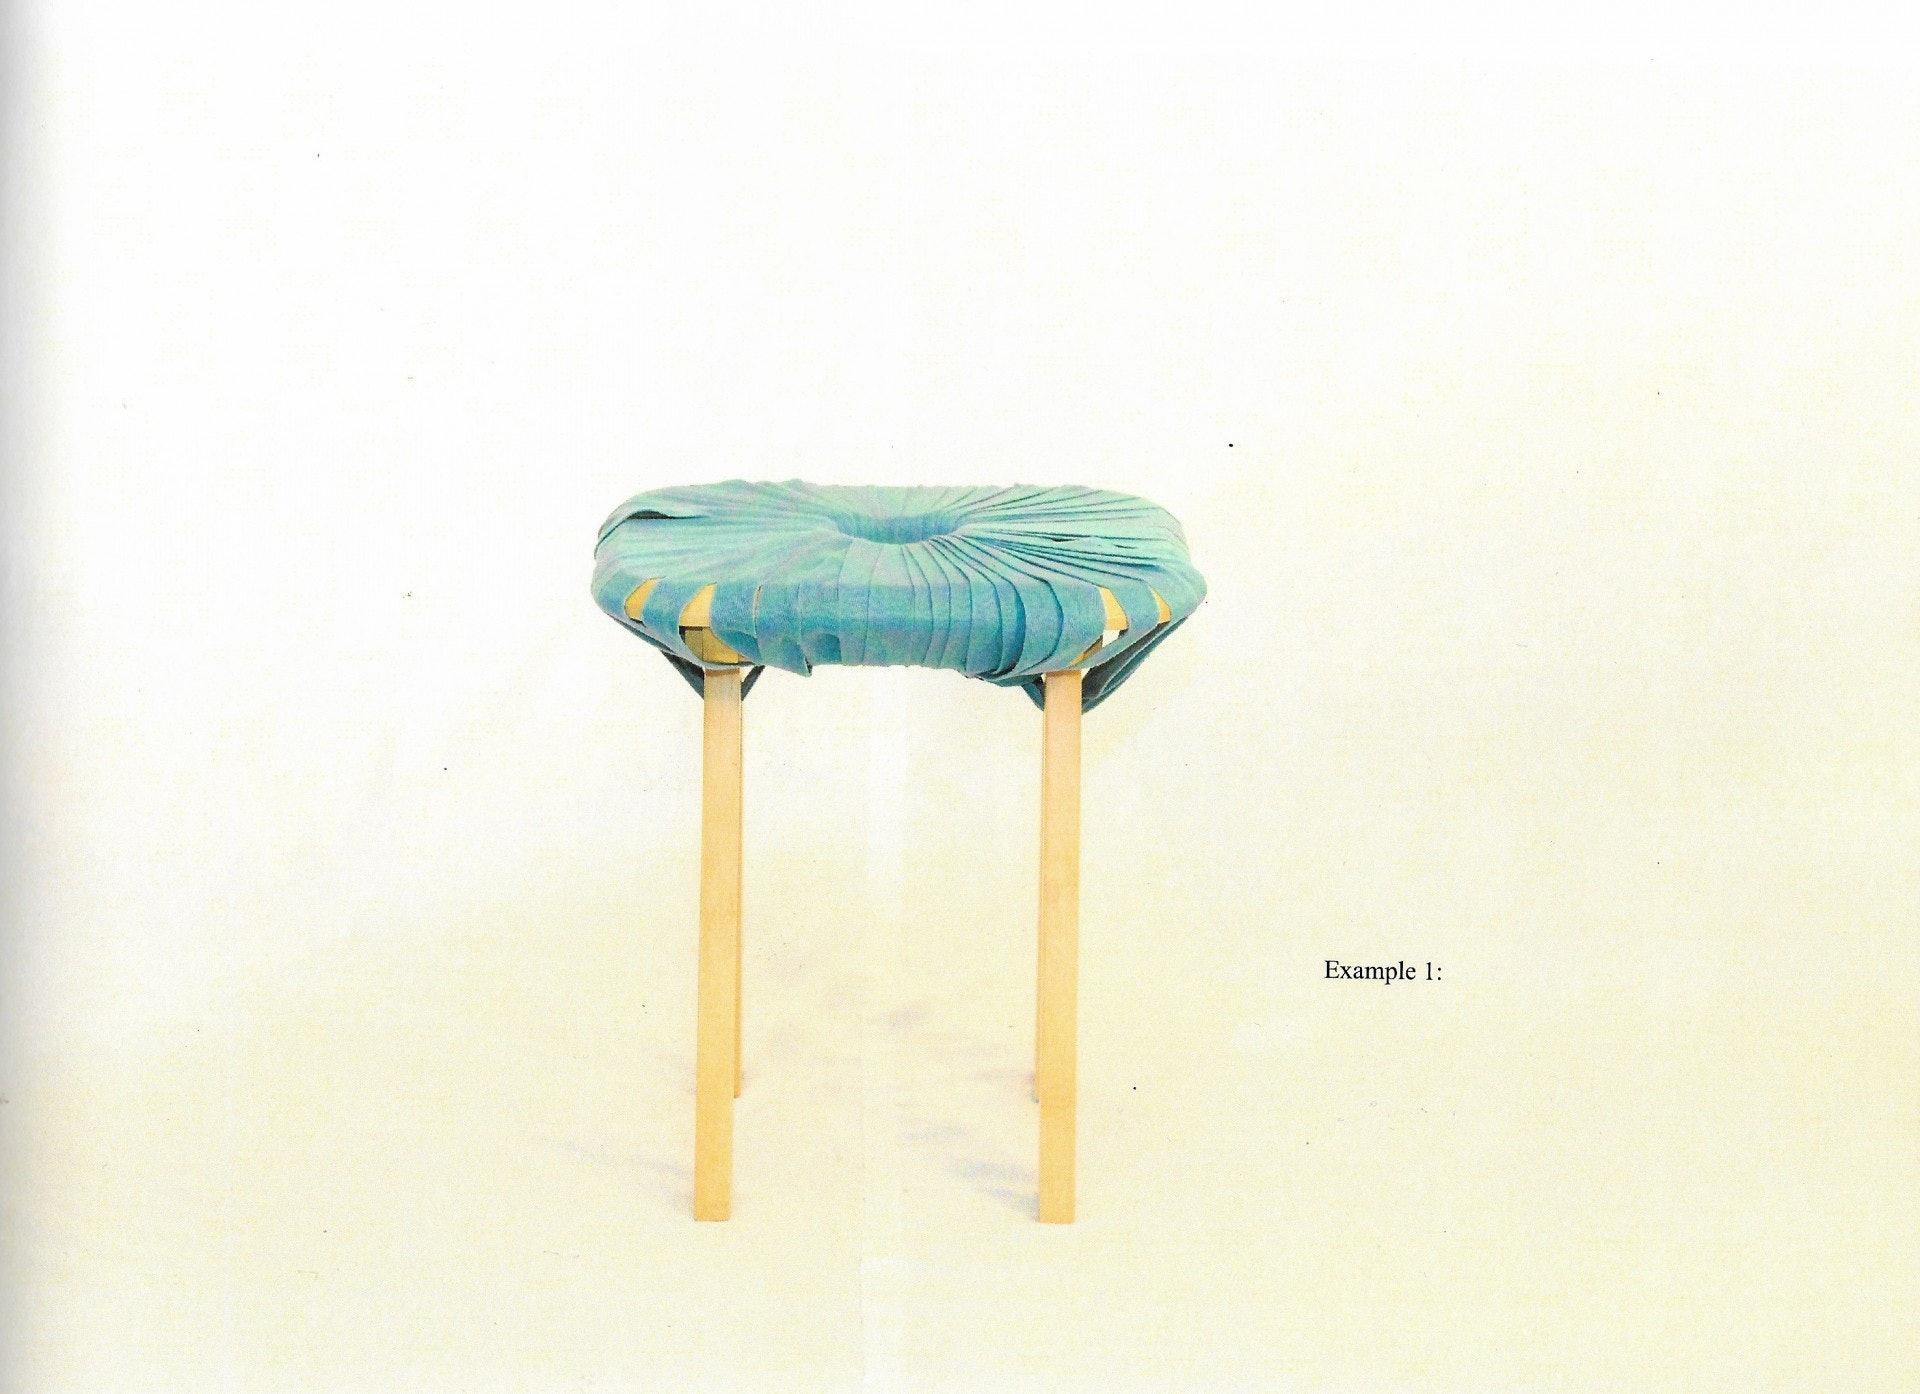 畢業那年Kat以竹板和麻繩作為材料,設計出多型態的椅子,宣揚節約等於環保的理念,作為她final year project的題目。(圖片由受訪者提供)